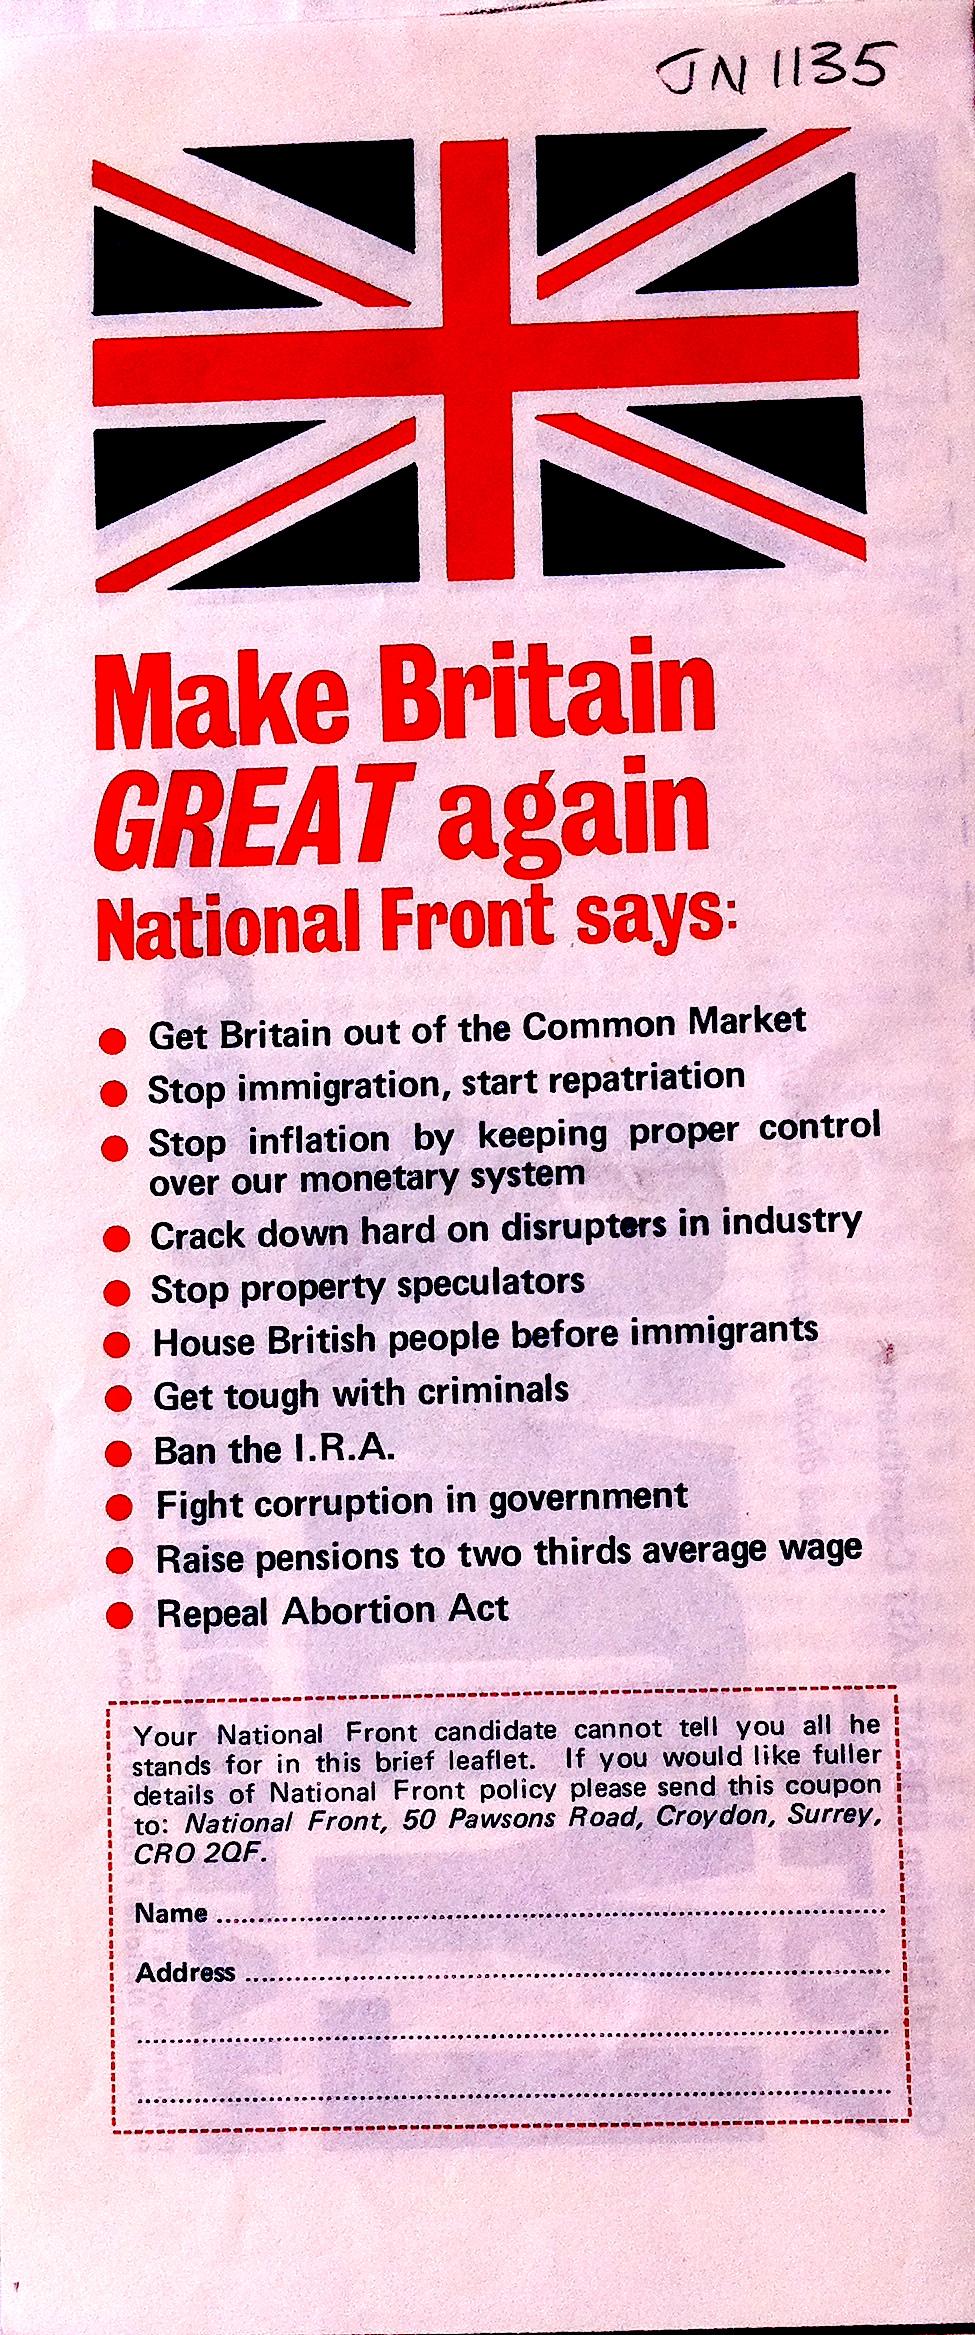 National Front leaflet